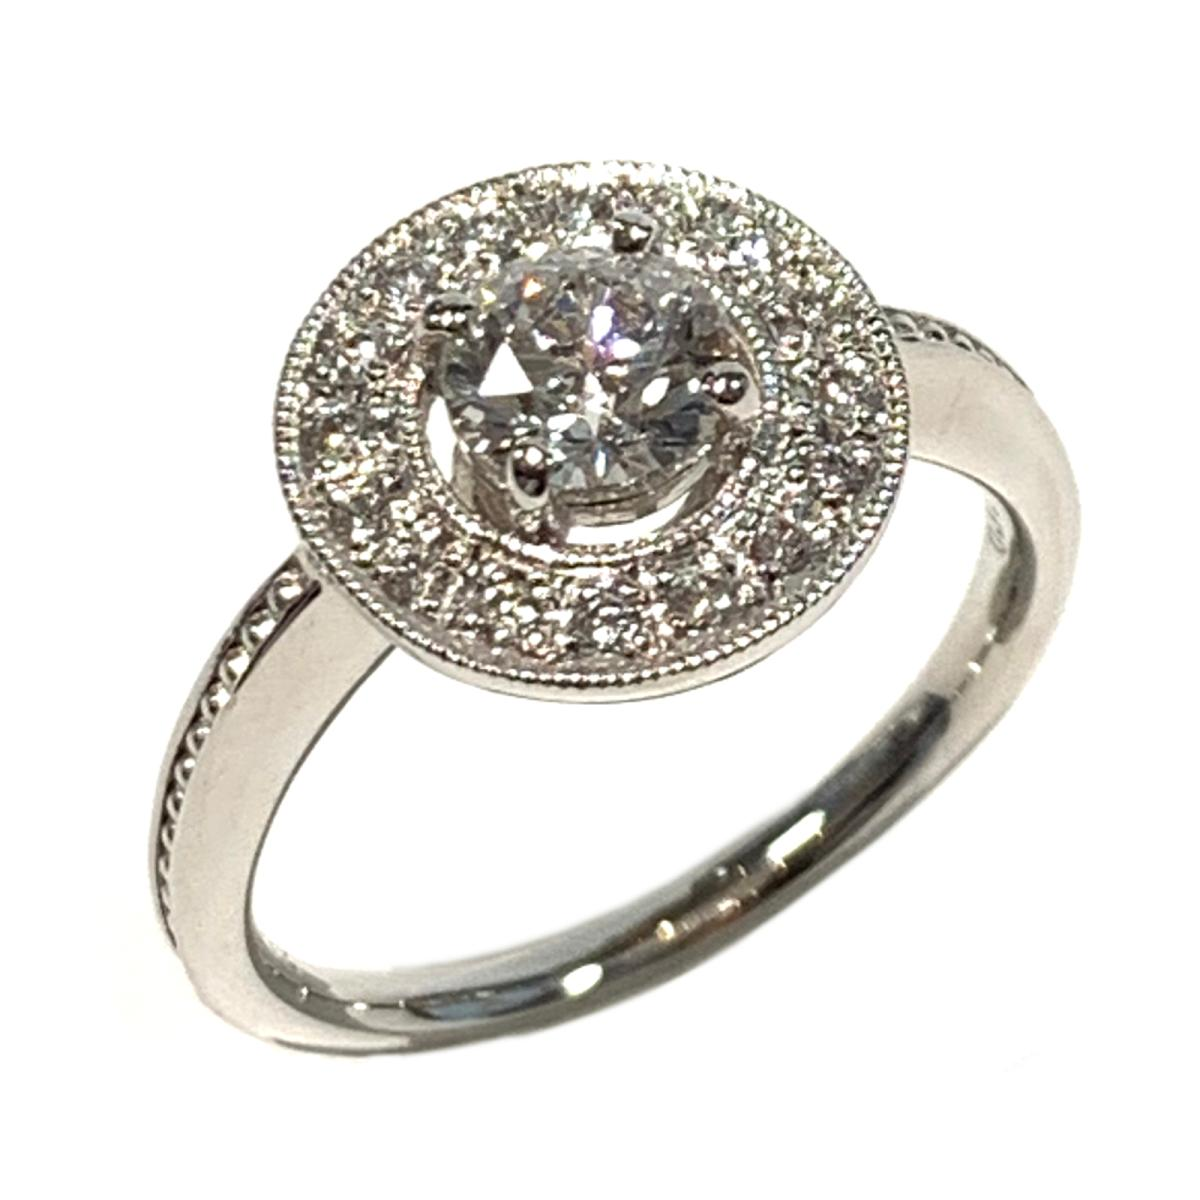 ジュエリー ダイヤモンド リング 指輪 ノーブランドジュエリー レディース PT900 プラチナ x ダイヤ0.502   JEWELRY BRANDOFF ブランドオフ アクセサリー